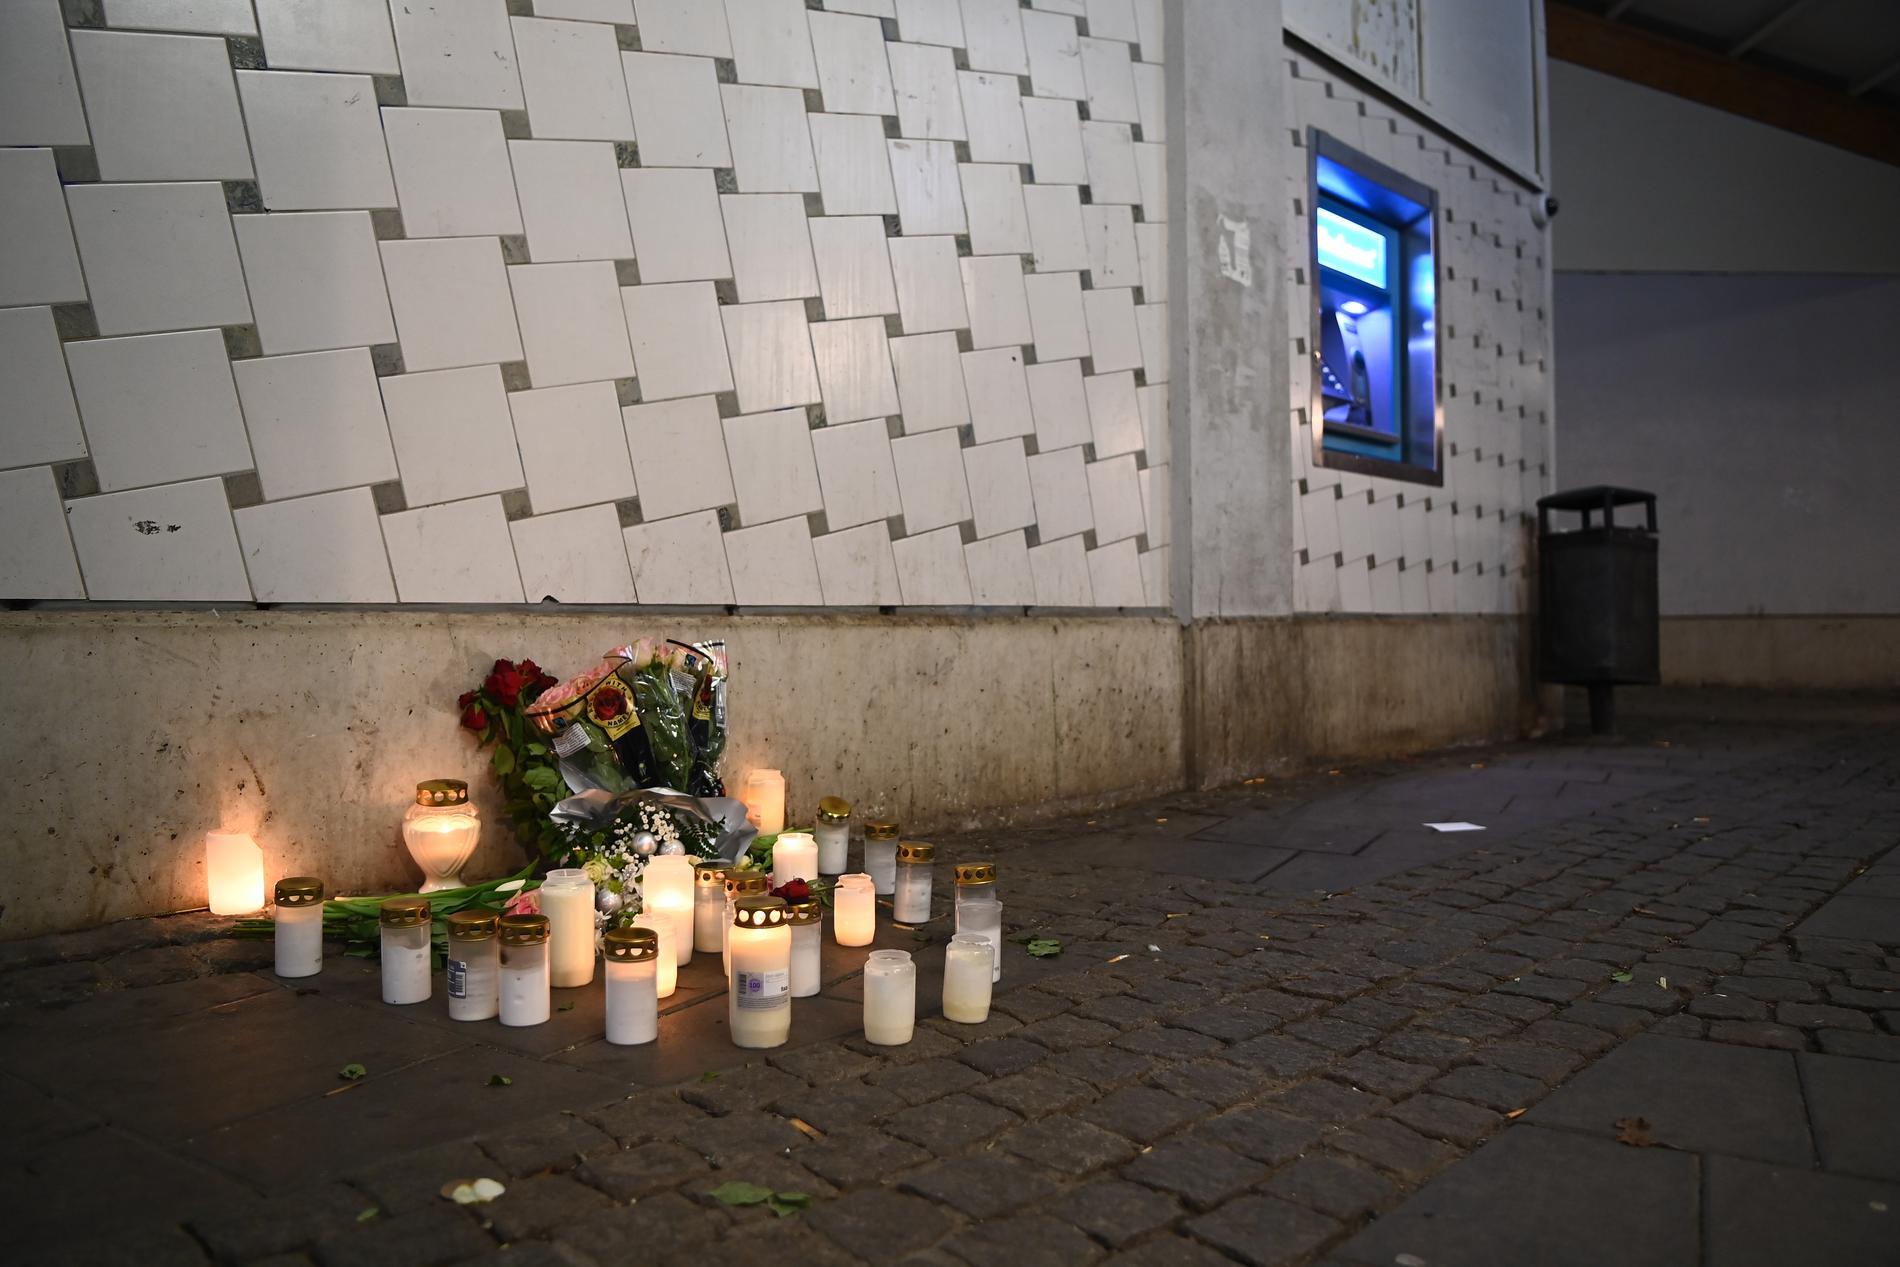 Blommor och ljus har placerats vid den bankomat där Joakim höggs ihjäl.